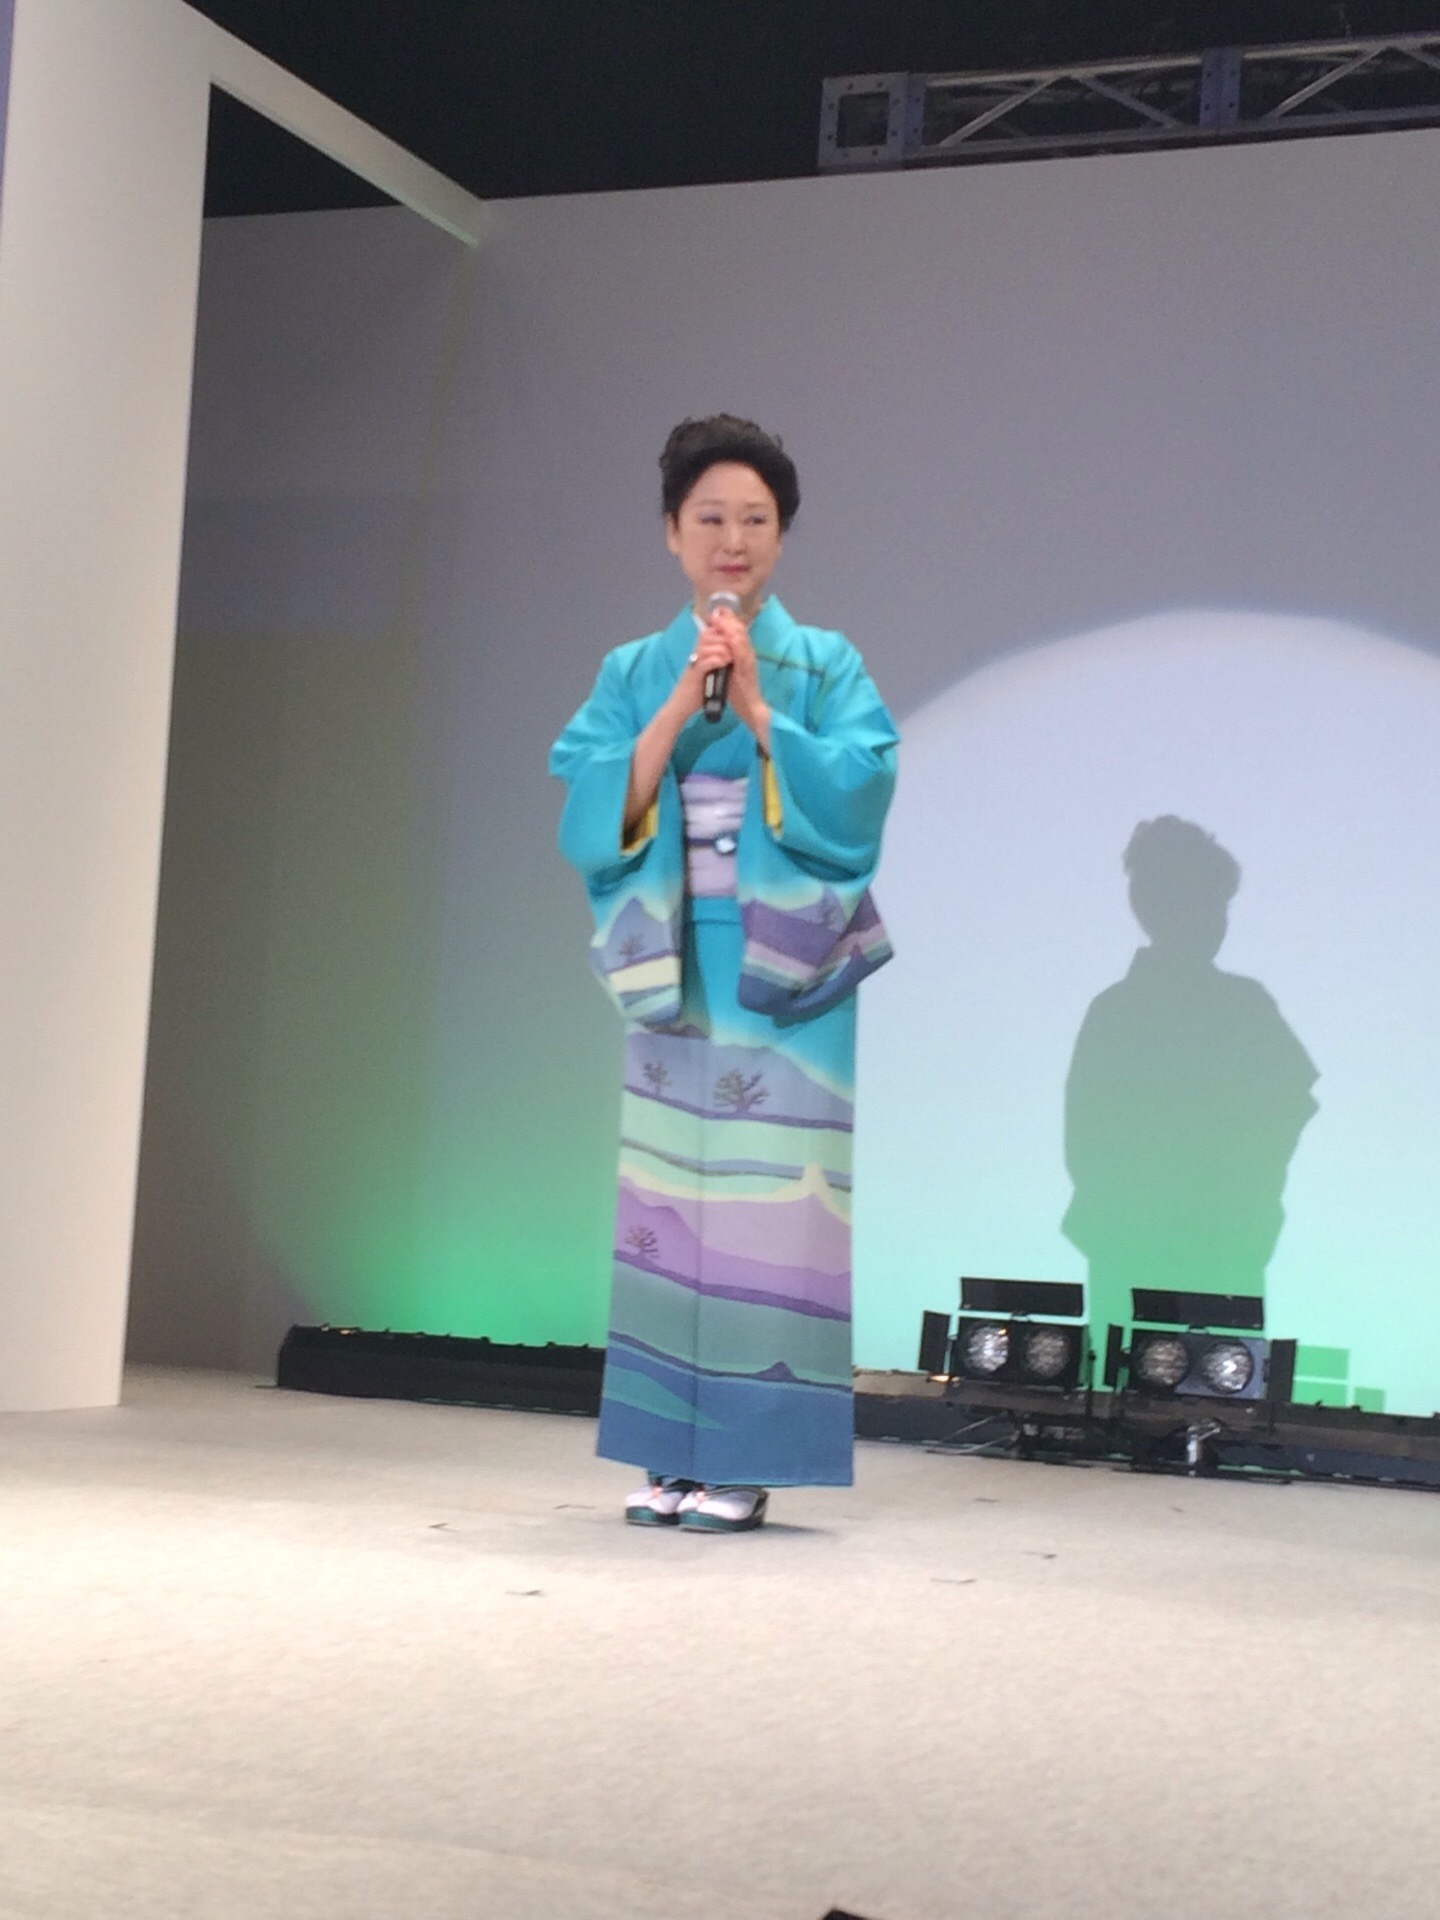 青野先生、東京で初めてのショー開催!_f0140343_10244836.jpg